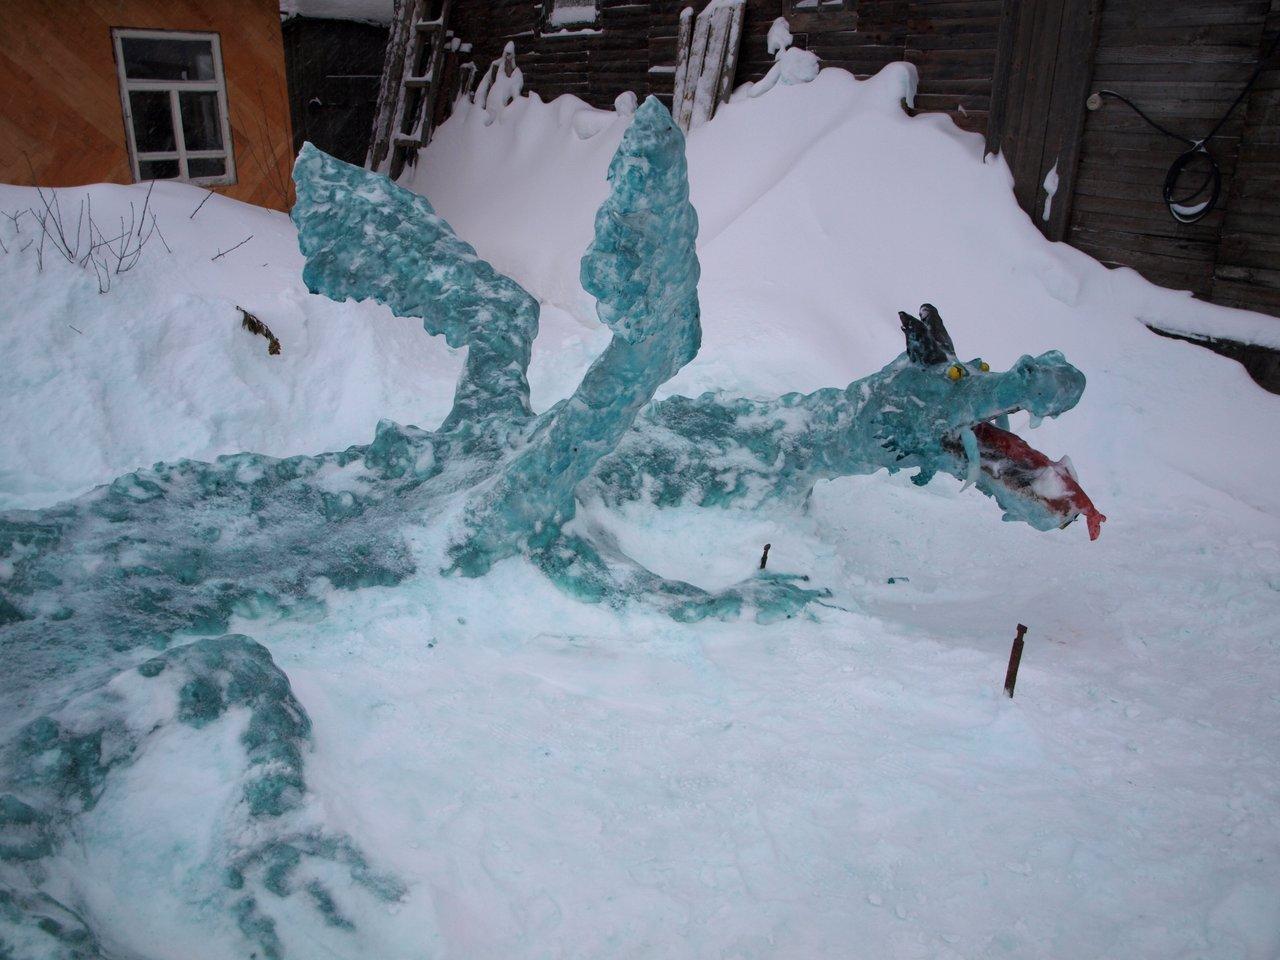 Порошинские лыжи и зелёный ледяной дракон